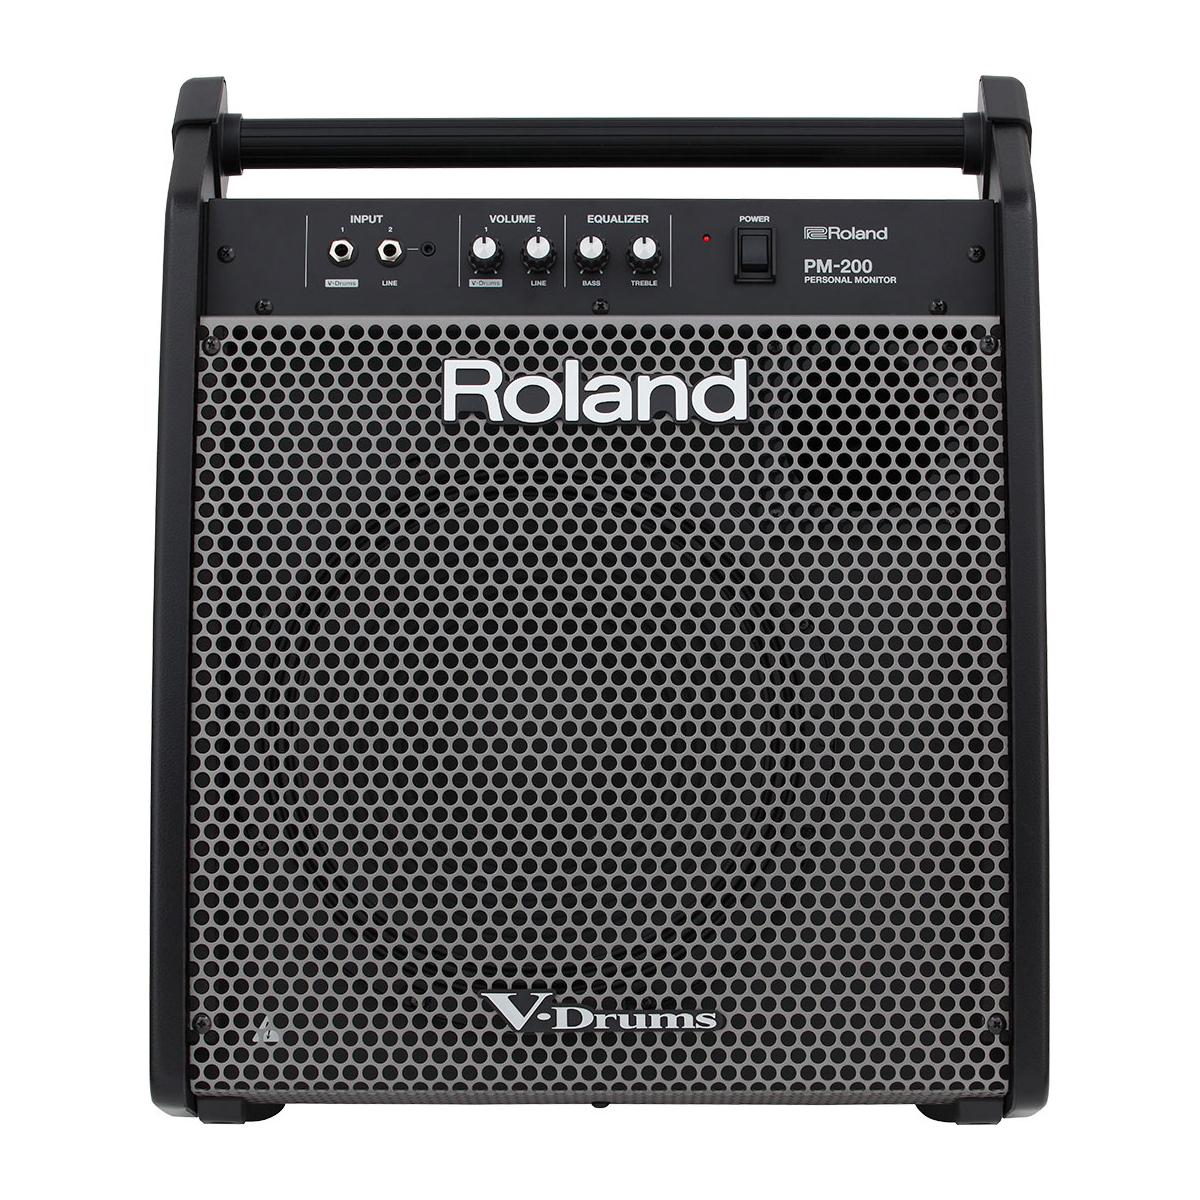 Amplificateur pour batterie - PM-200 - Roland